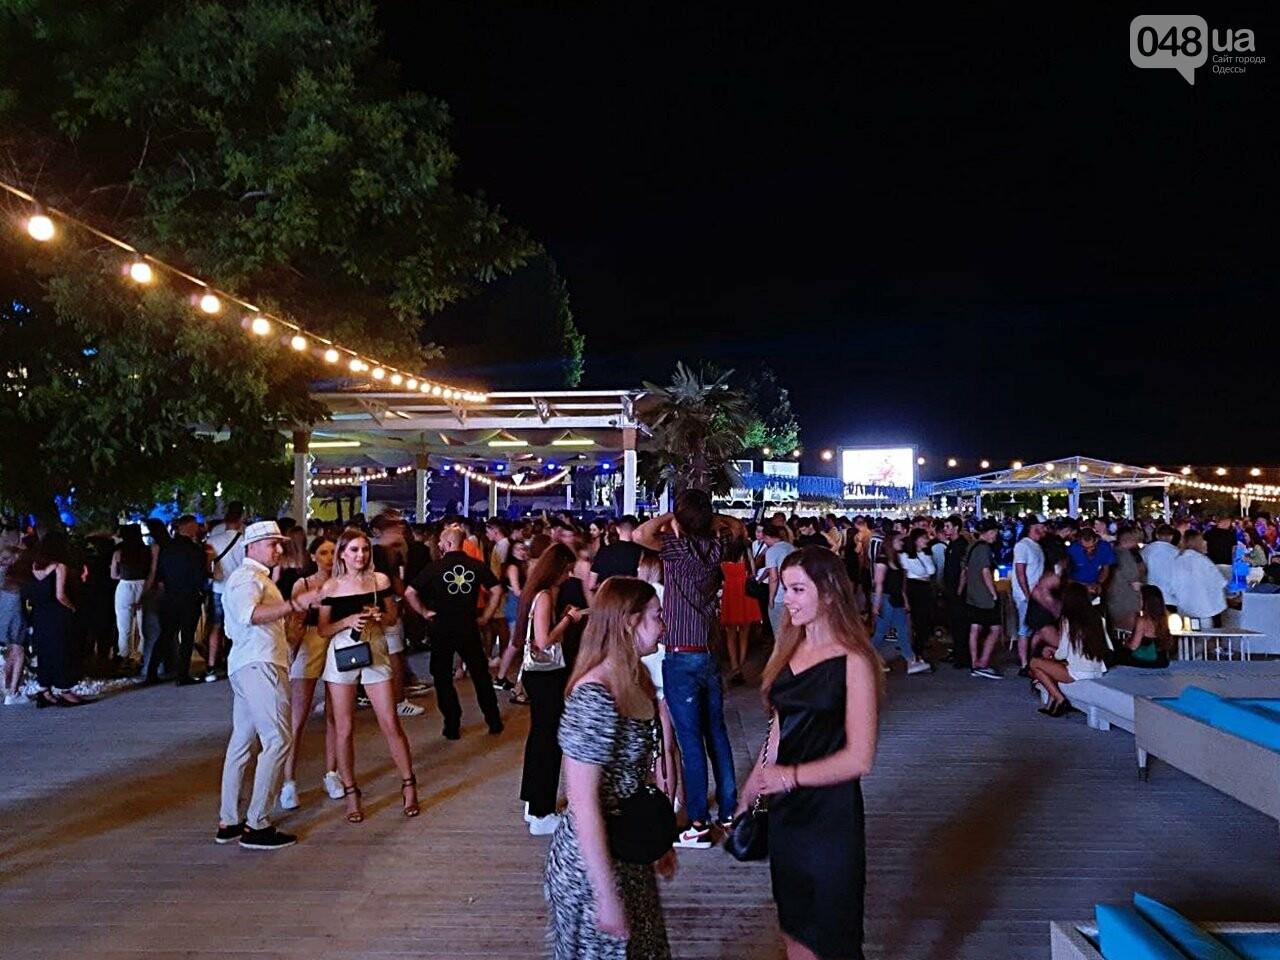 Дорофеева, плохой звук и любовь к фанатам: как прошёл концерт Скриптонита в Одессе, - ФОТО, ВИДЕО  , фото-3